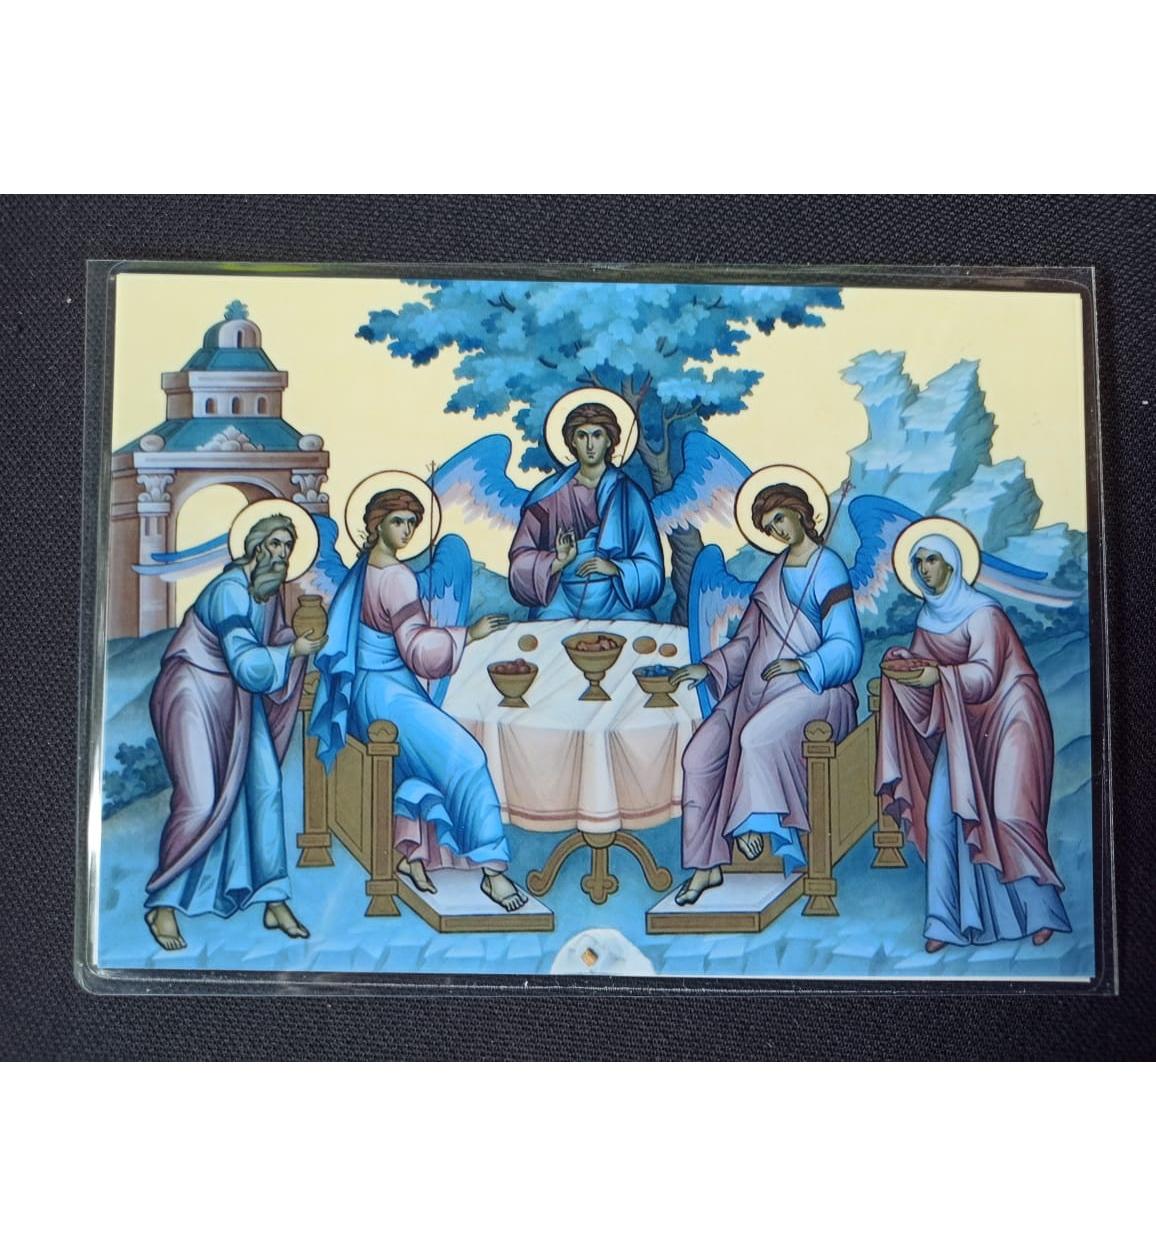 Икона Явления Святой Троицы с частицей Мамврийского Дуба со Святой Земли из Свято-Троицкого монастыря святых праотец Авраама и Сарры в Хевроне